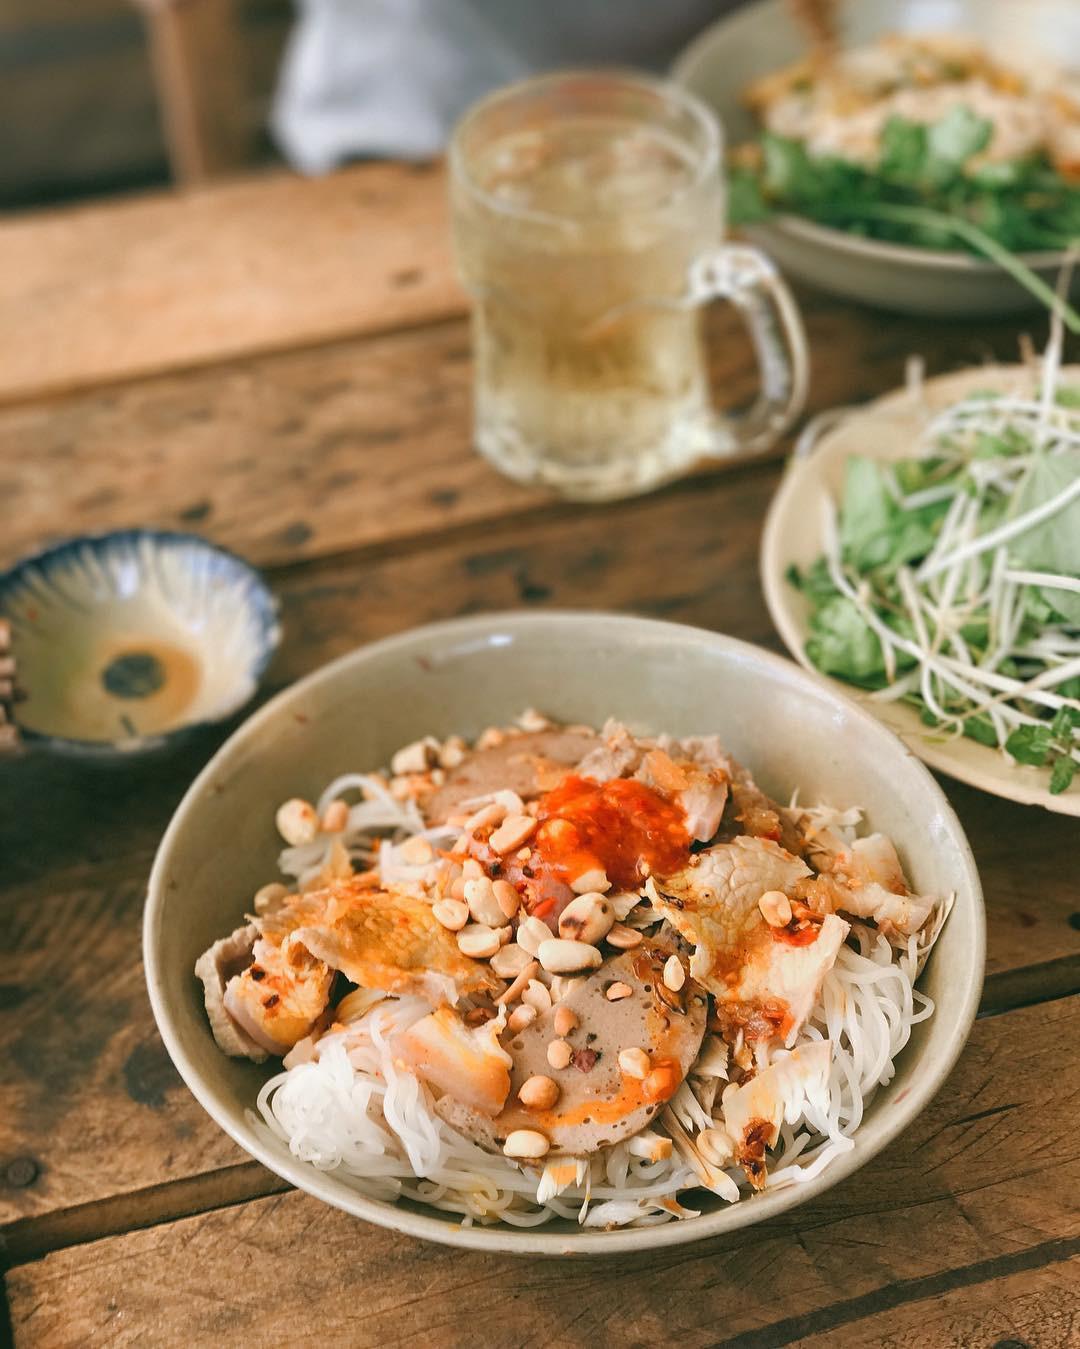 Lễ 2/9 ngại đi chơi xa, đến ngay những quán ăn ngon và thưởng thức món ăn vặt nổi tiếng xứ Huế  - Ảnh 12.